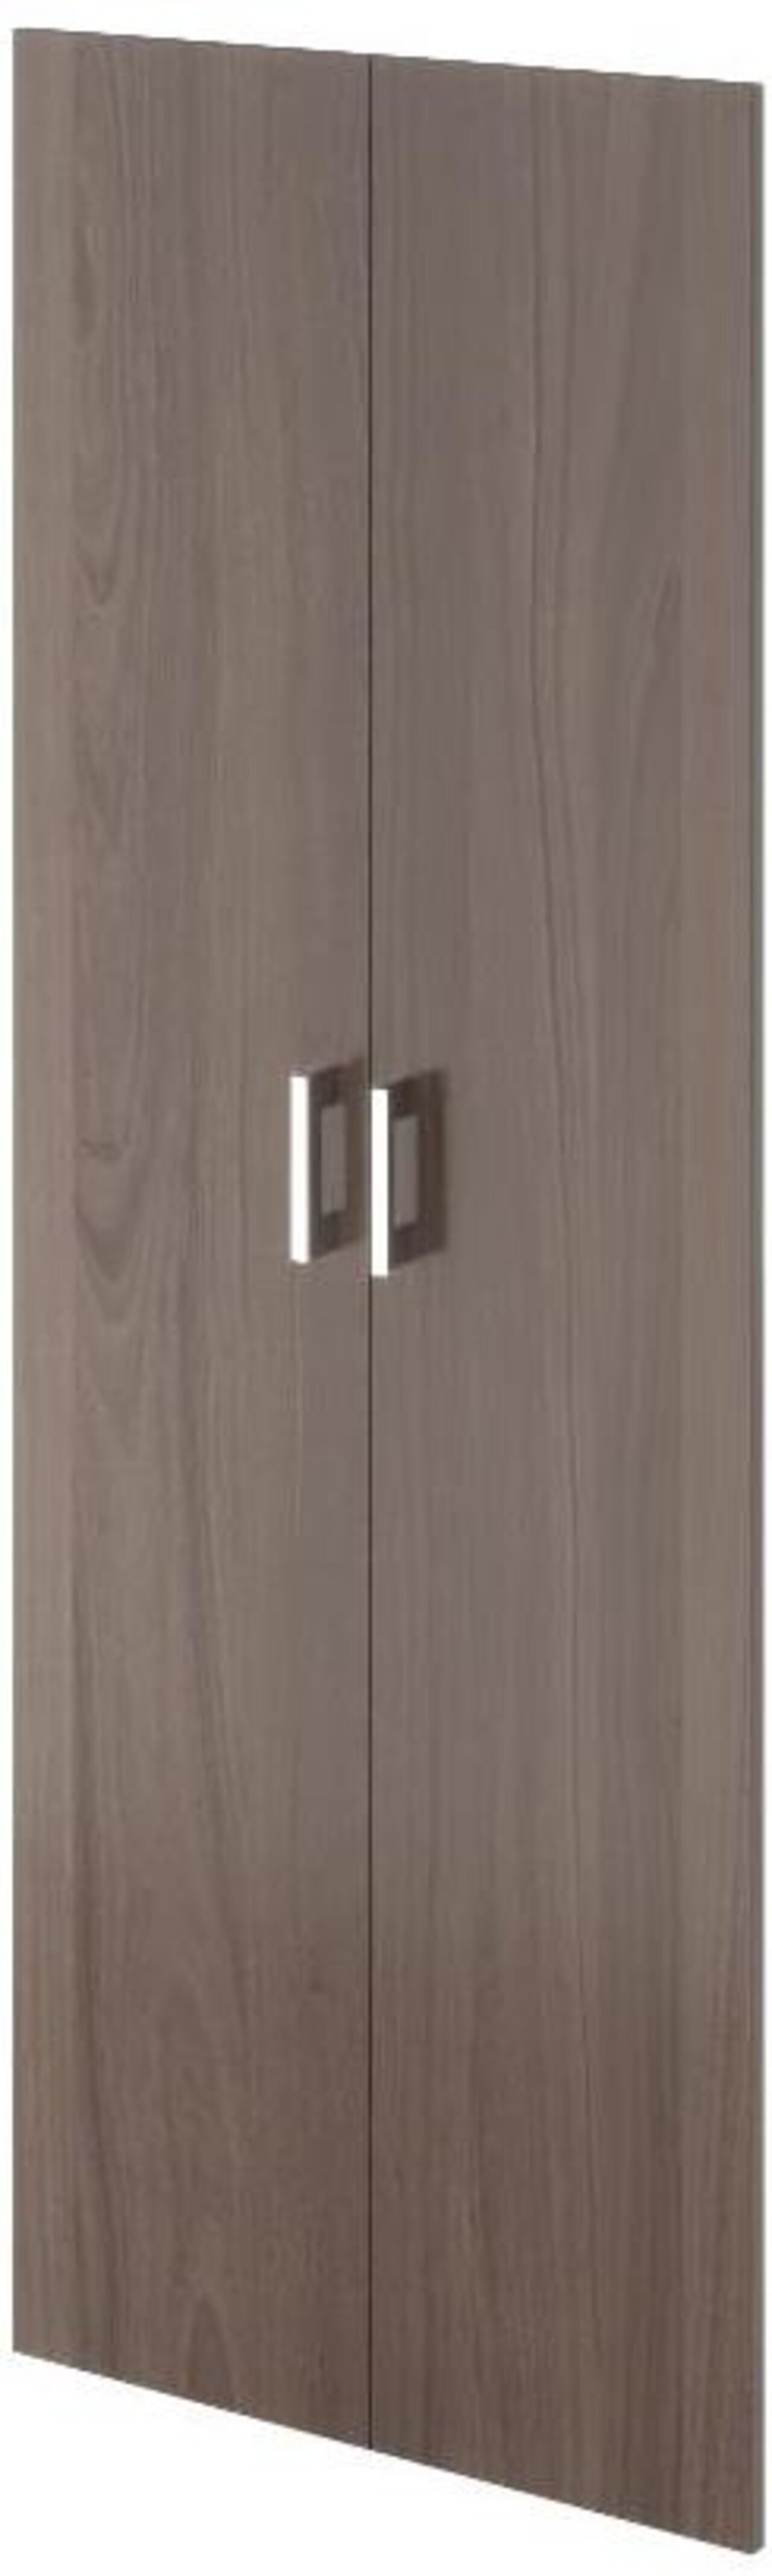 Двери для широких стеллажей  Арго 71x2x191 - фото 8